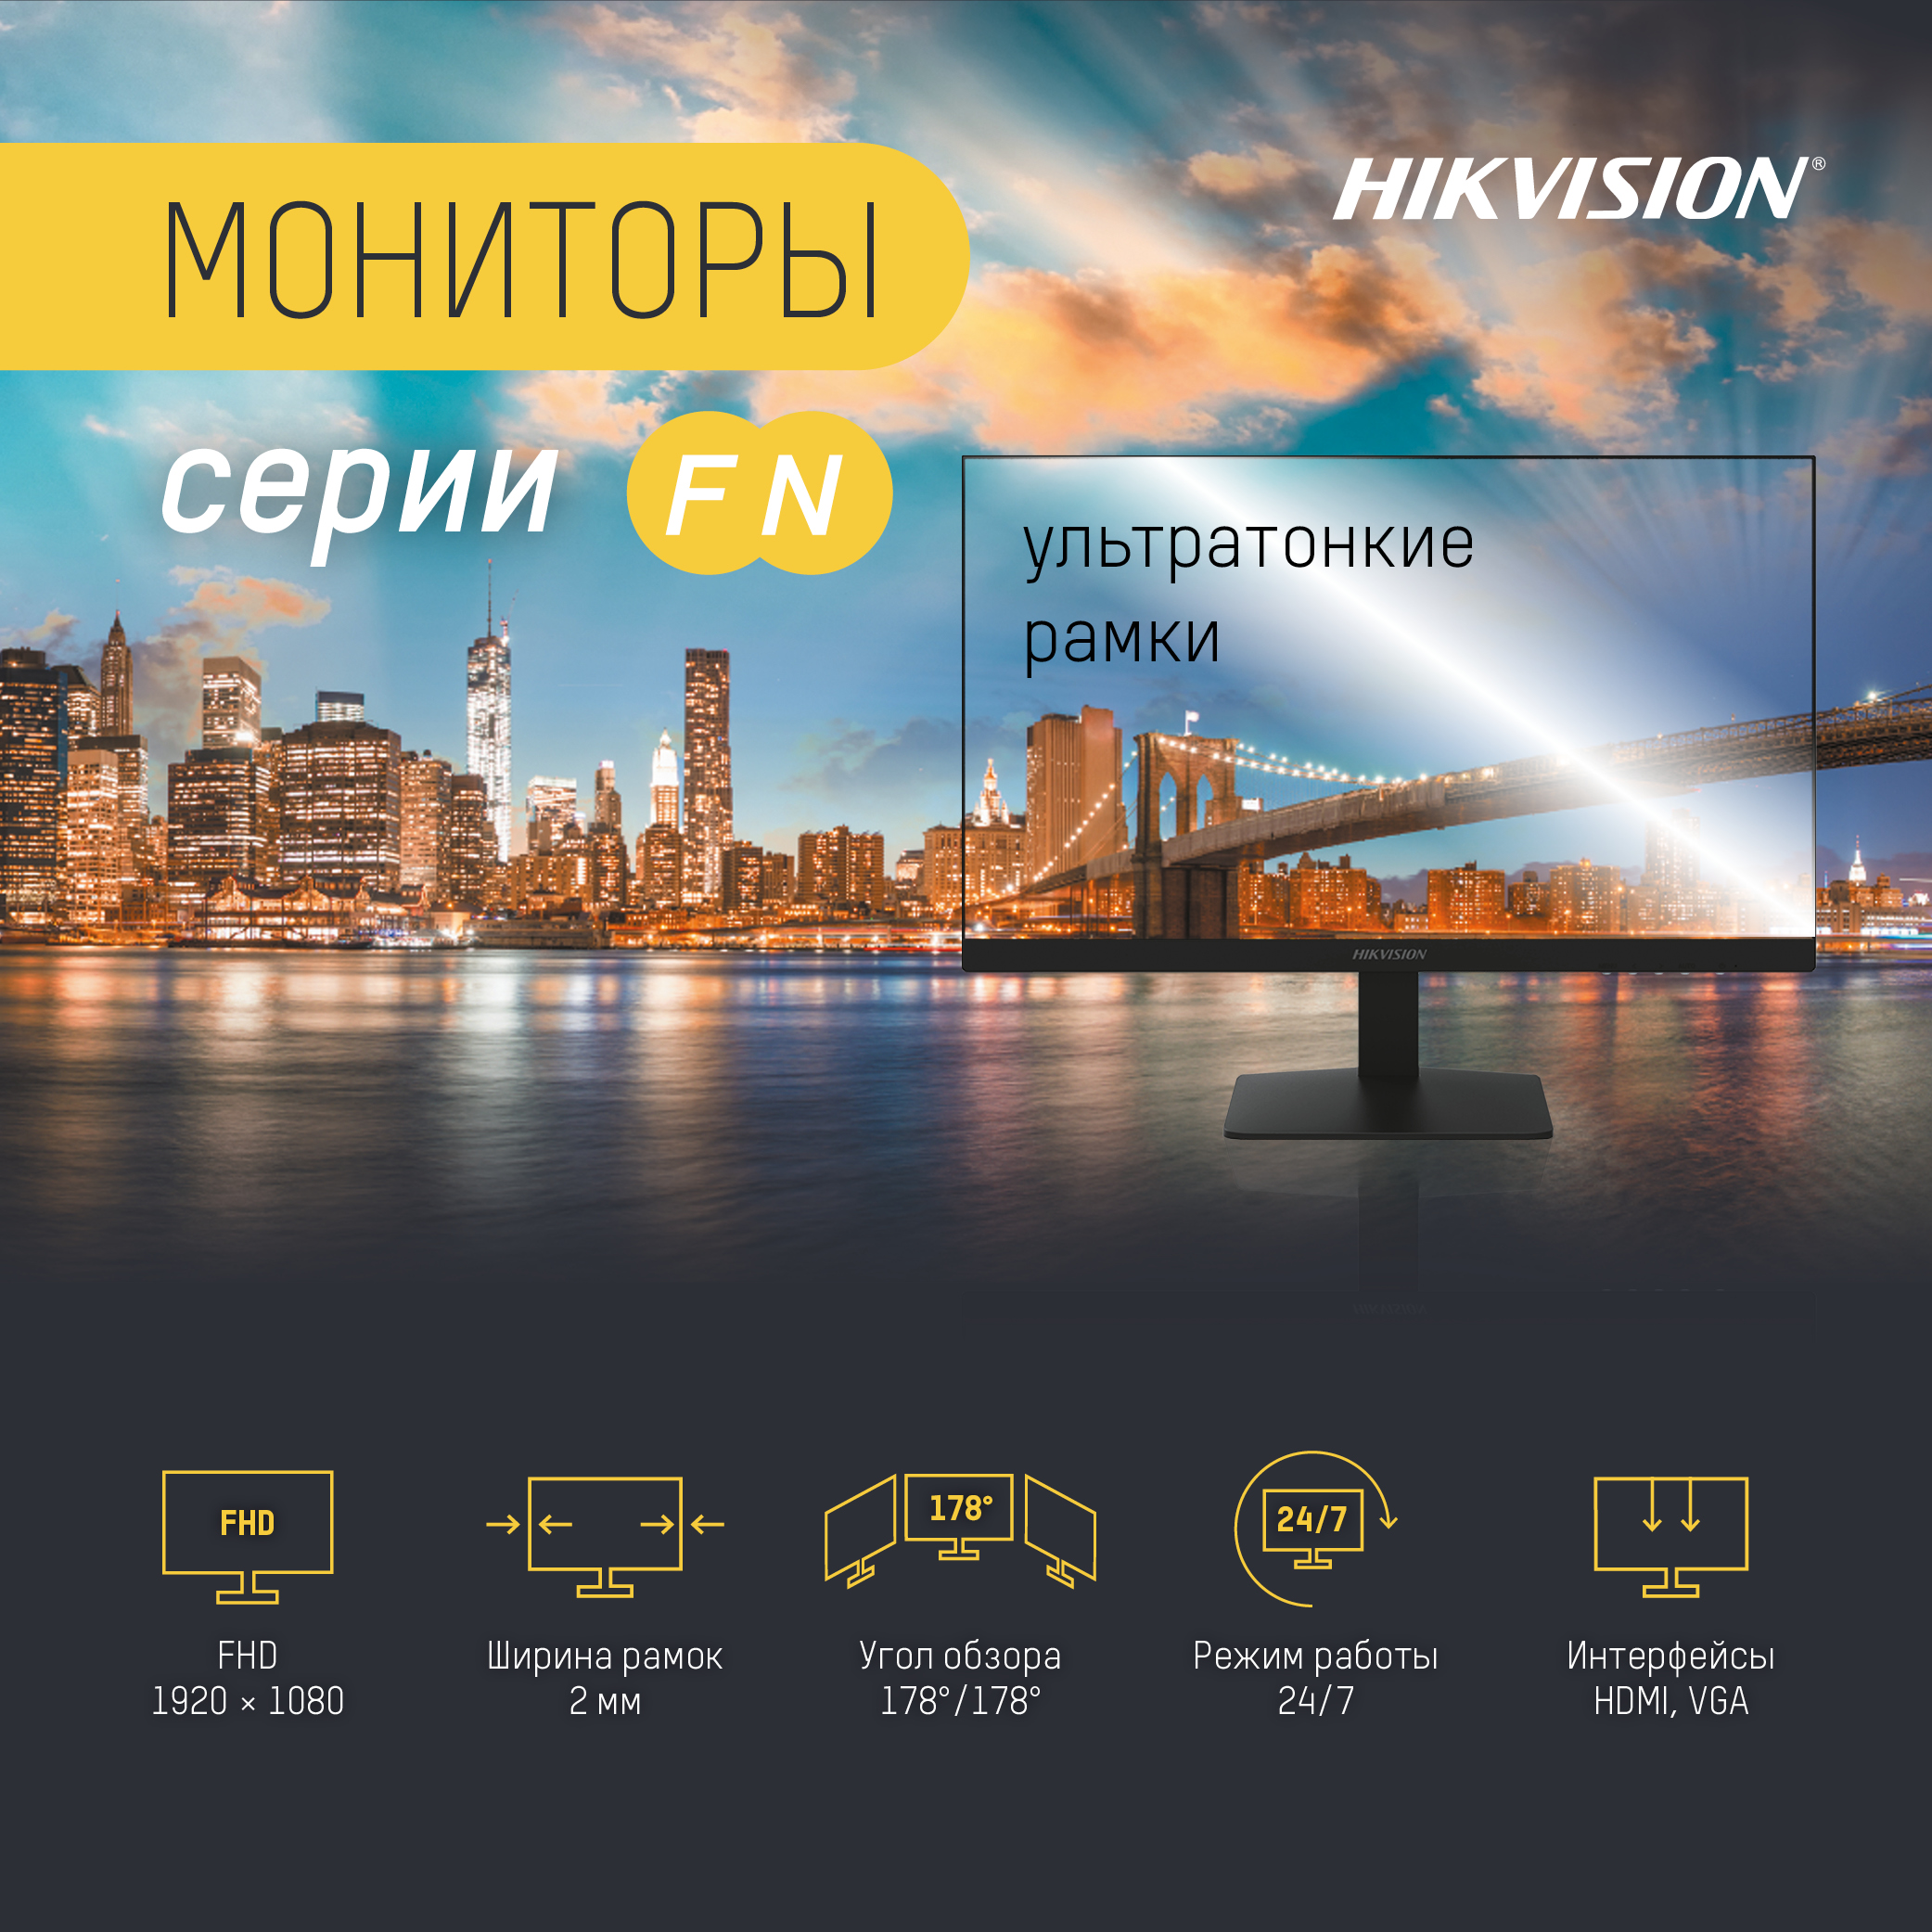 Hikvision выпустила новую серию мониторов с ультратонкой рамкой